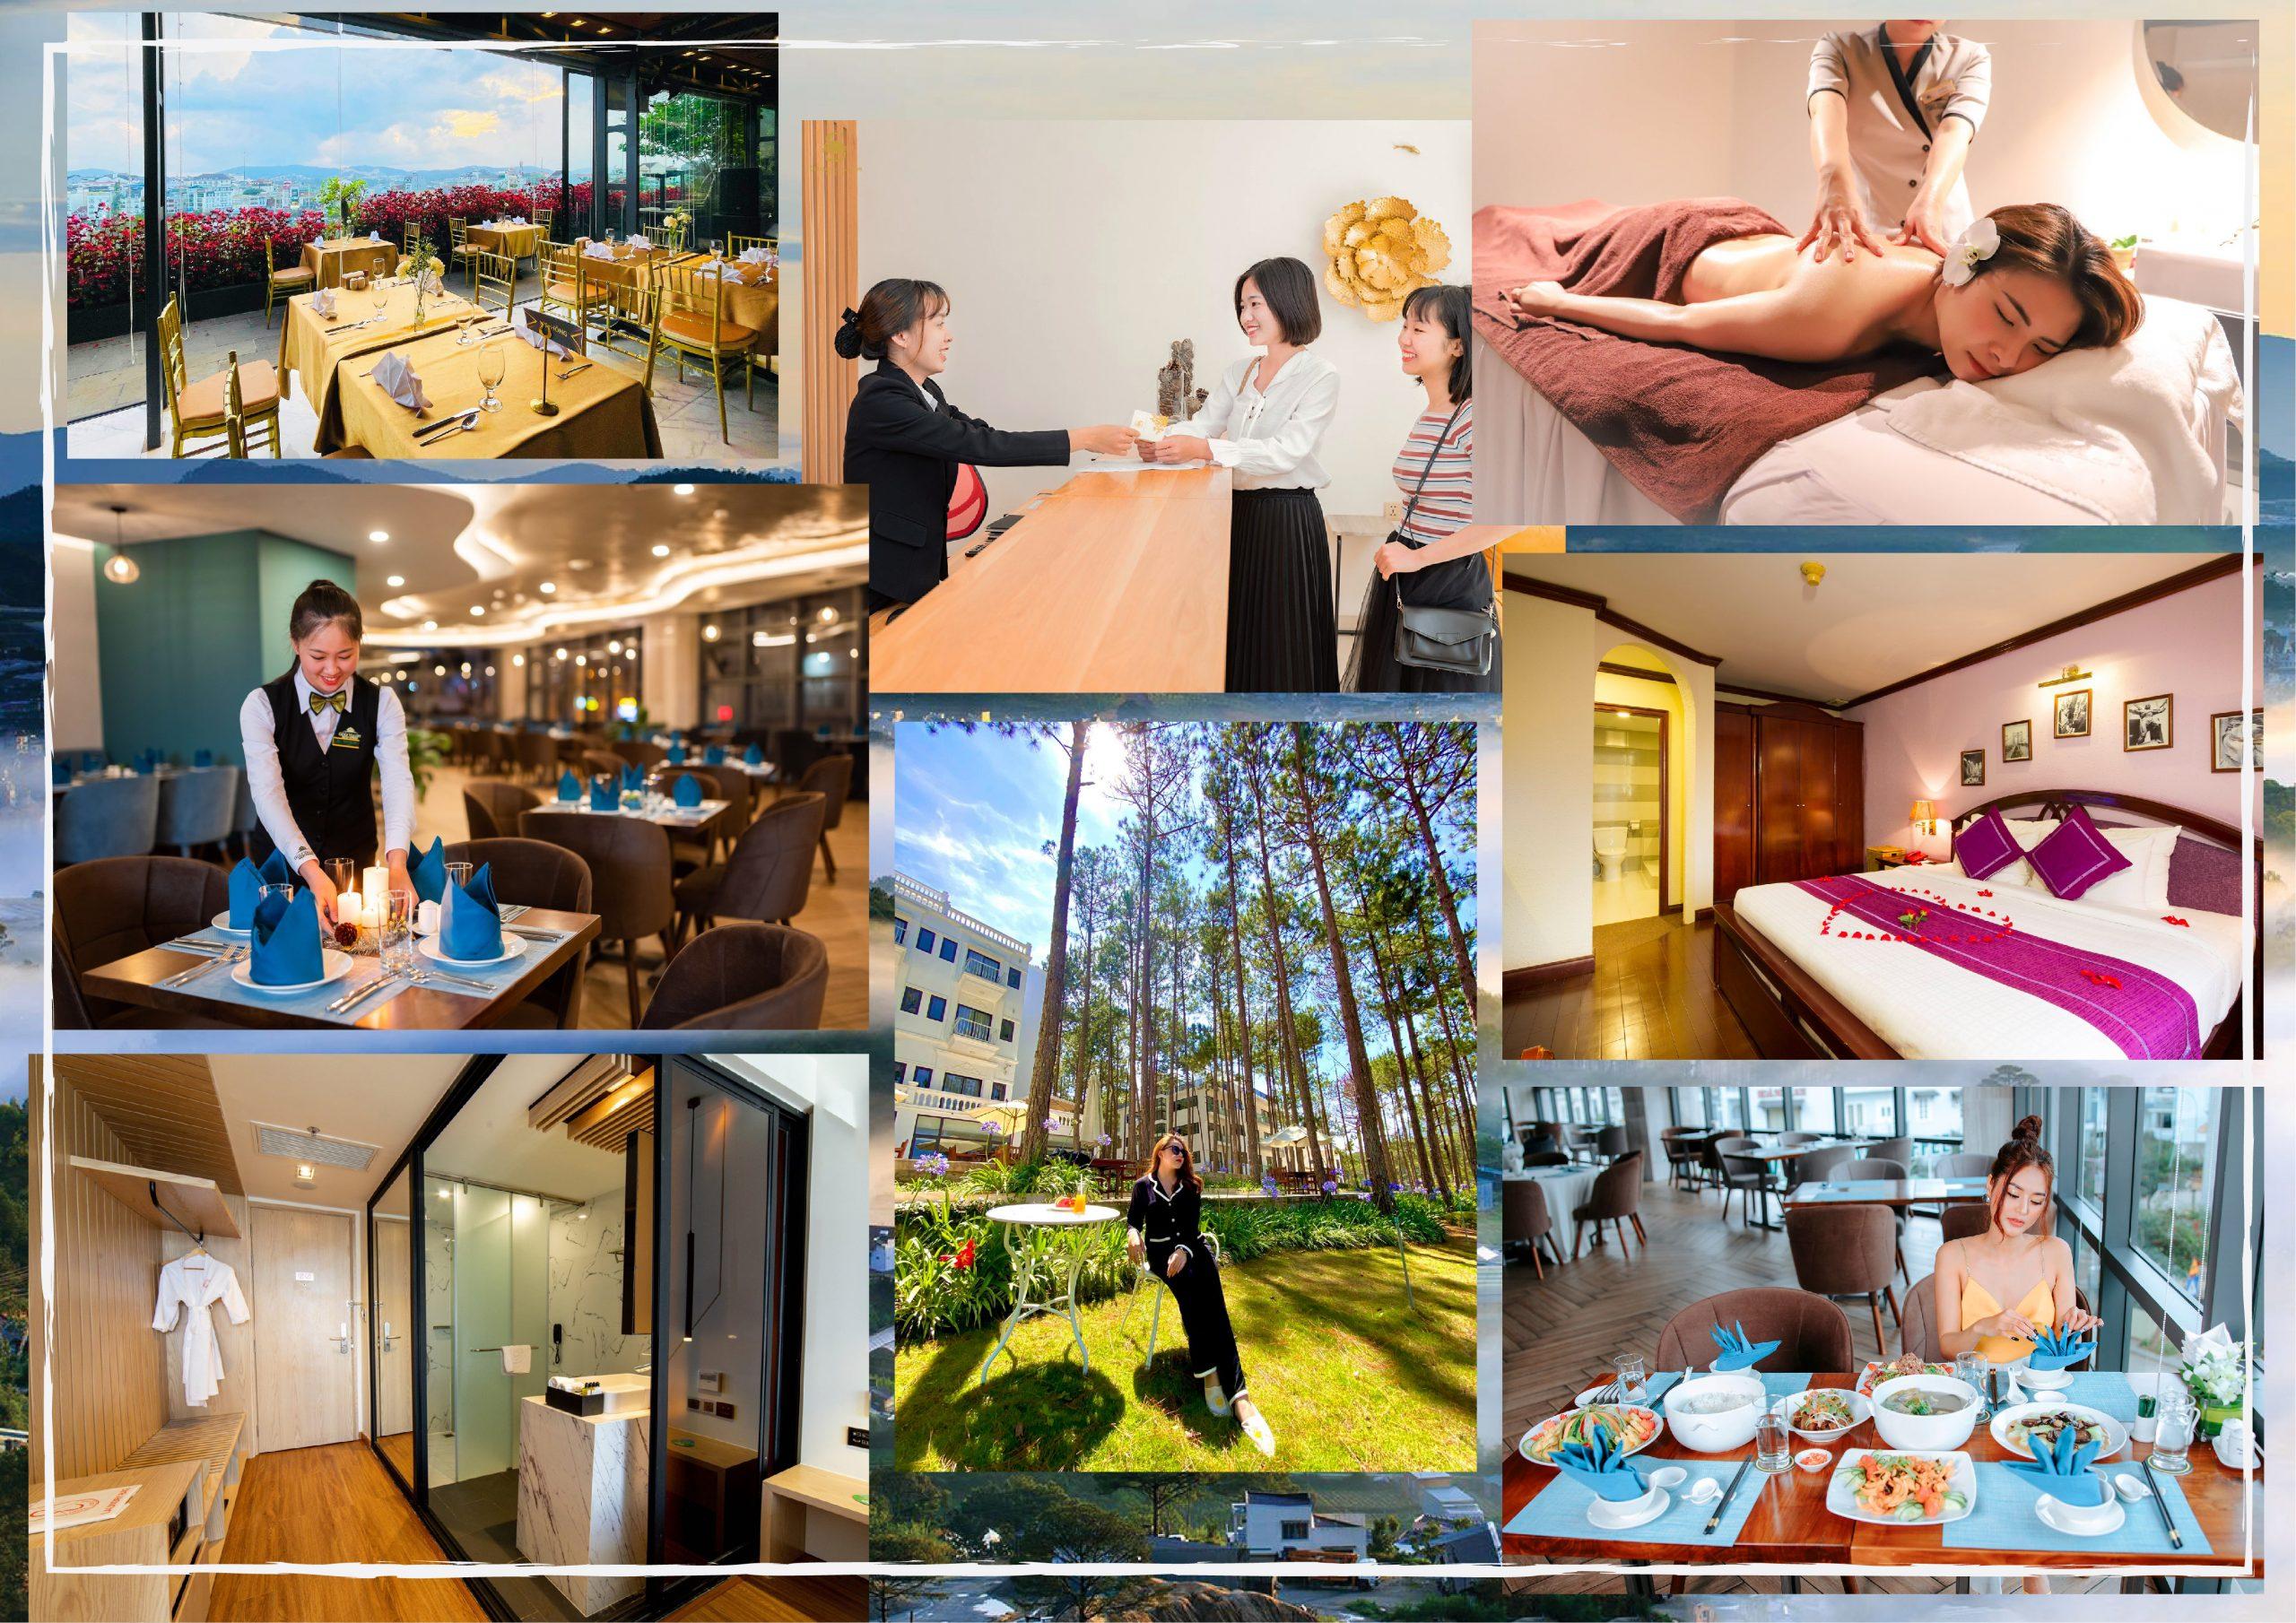 Các trải nghiệm tuyệt vời tại các villa Đà Lạt cho thuê nguyên căn tiêu chuẩn 4 sao trong các khu resort Đà Lạt